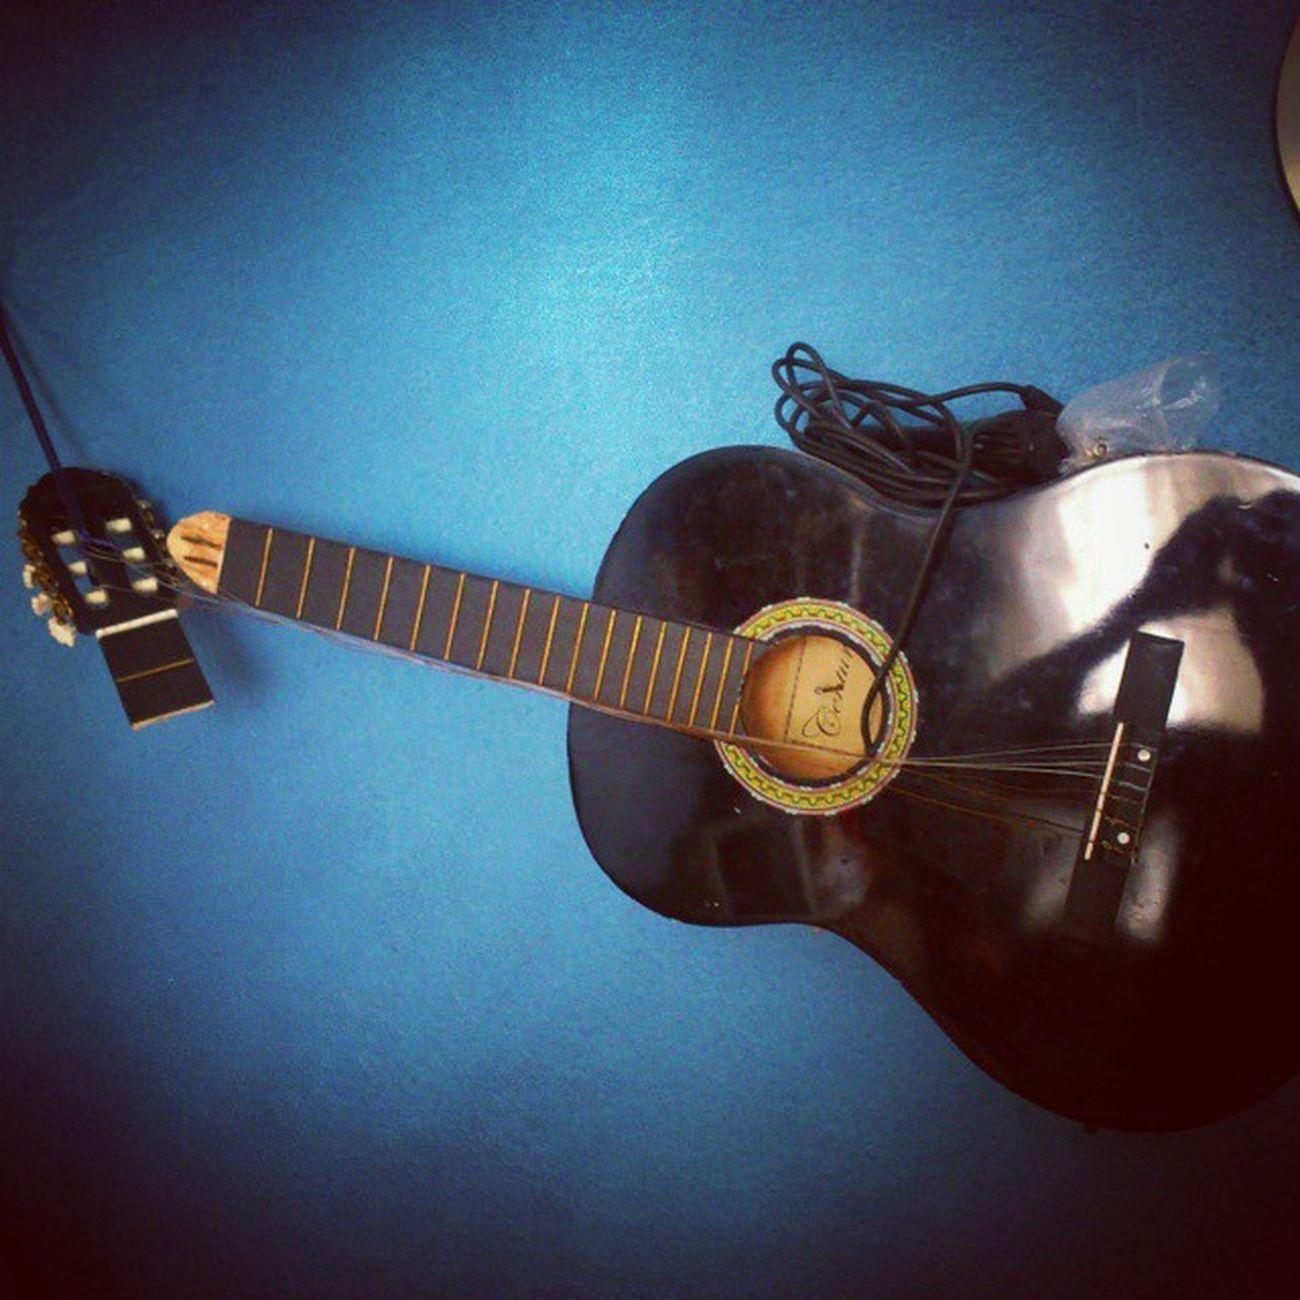 Gitar üstüneotur Harap Parçala anı müze hüsran götünlekır instagood